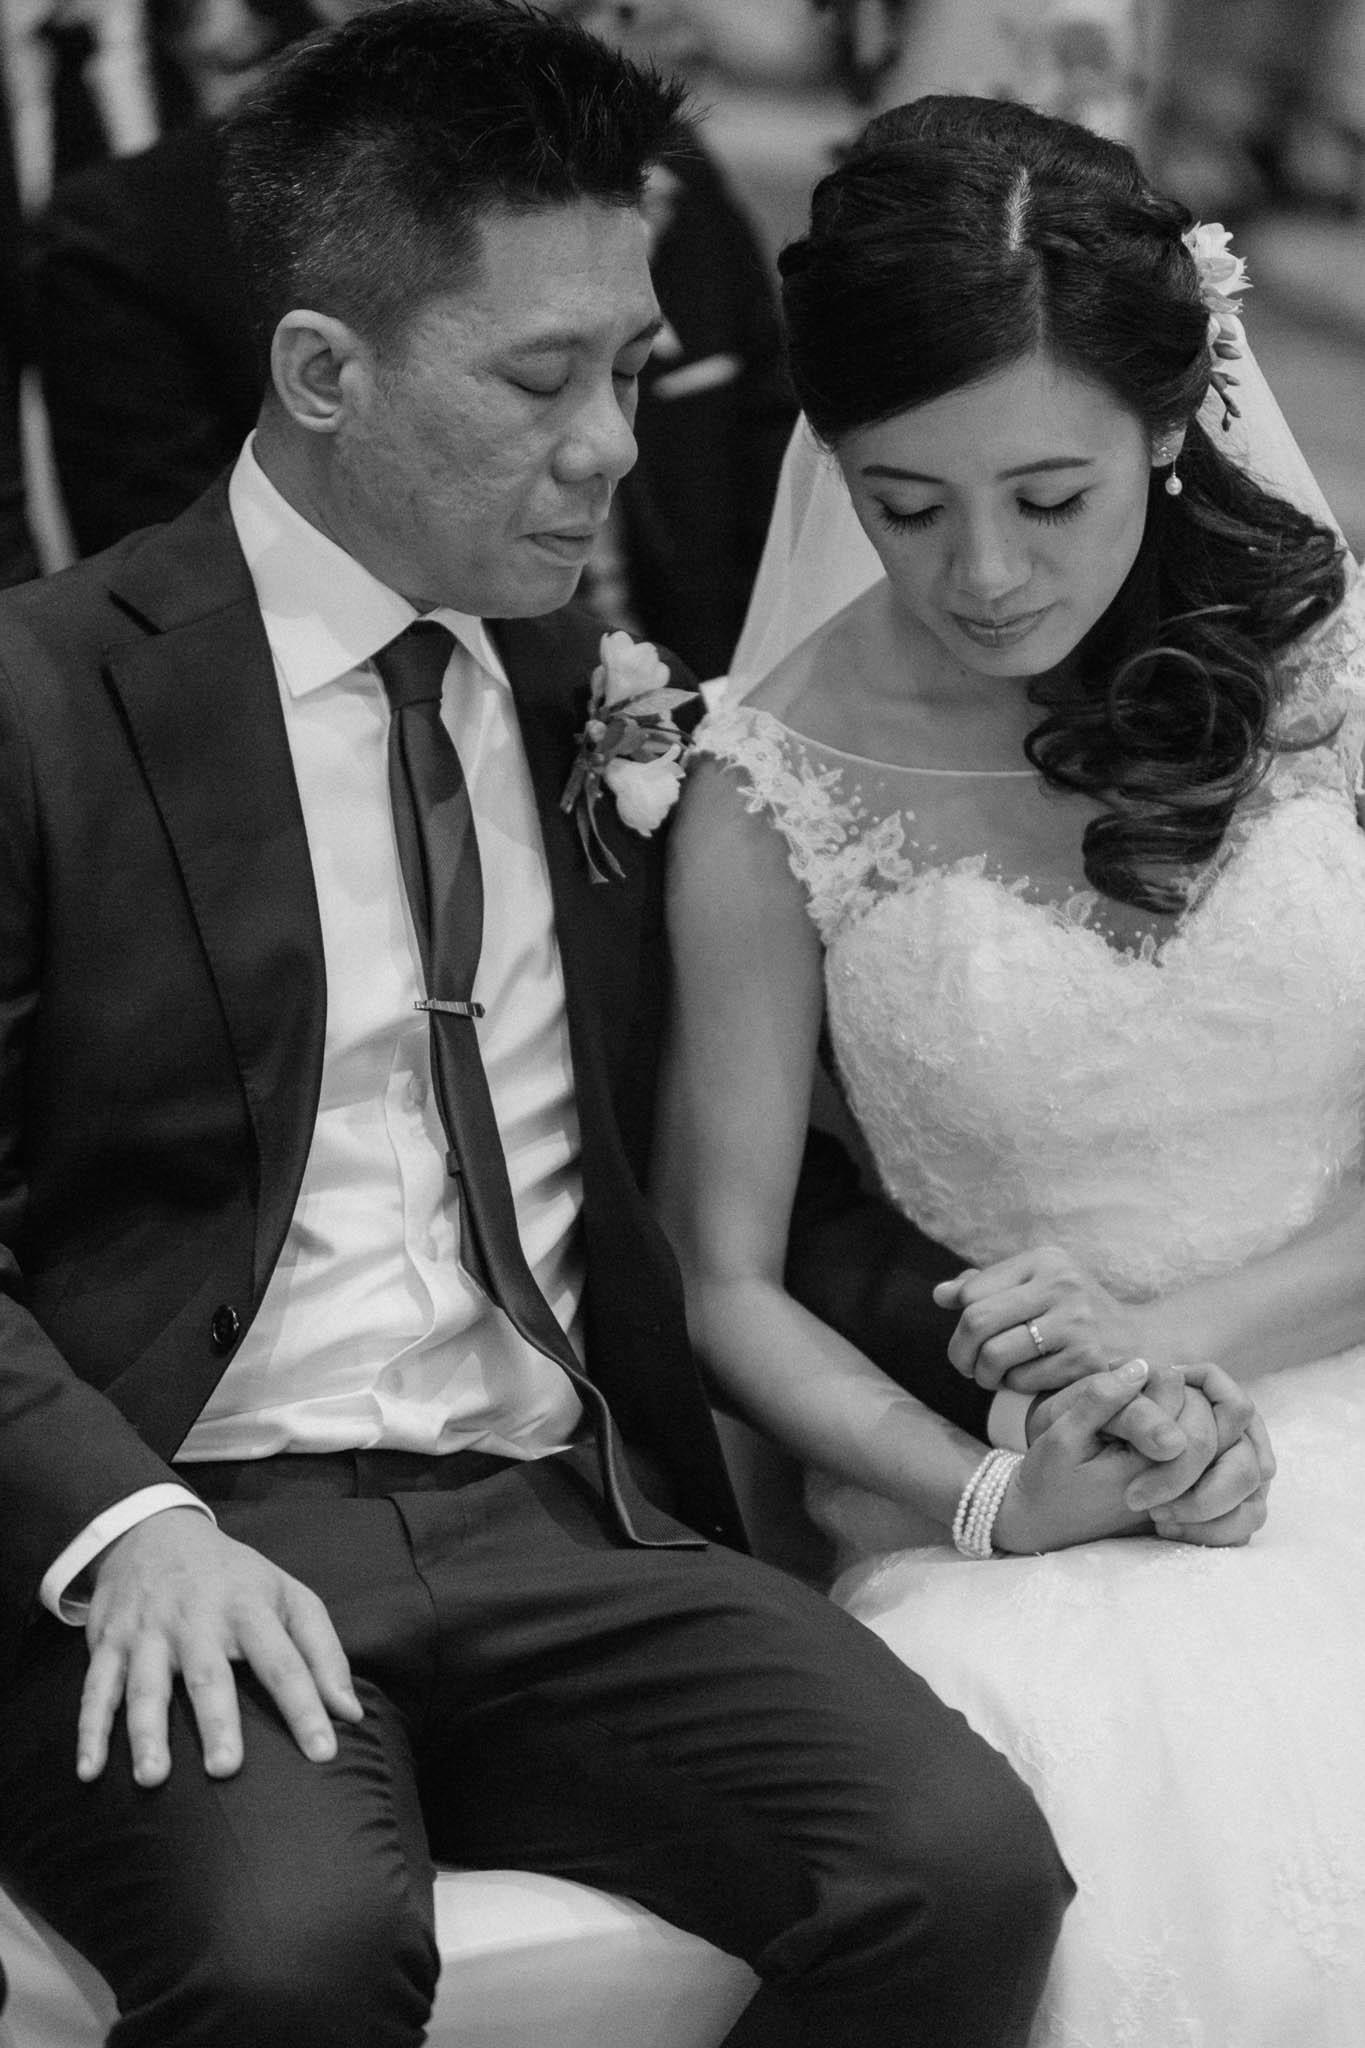 singapore-wedding-photographer-wemadethese-bw-036.jpg